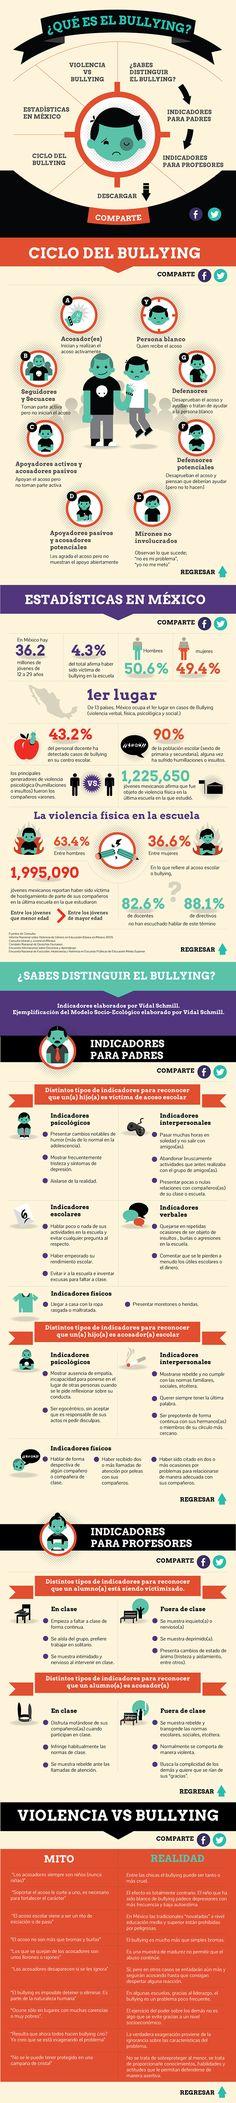 INFOGRAFÍA DE BULLYING EN MÉXCIO